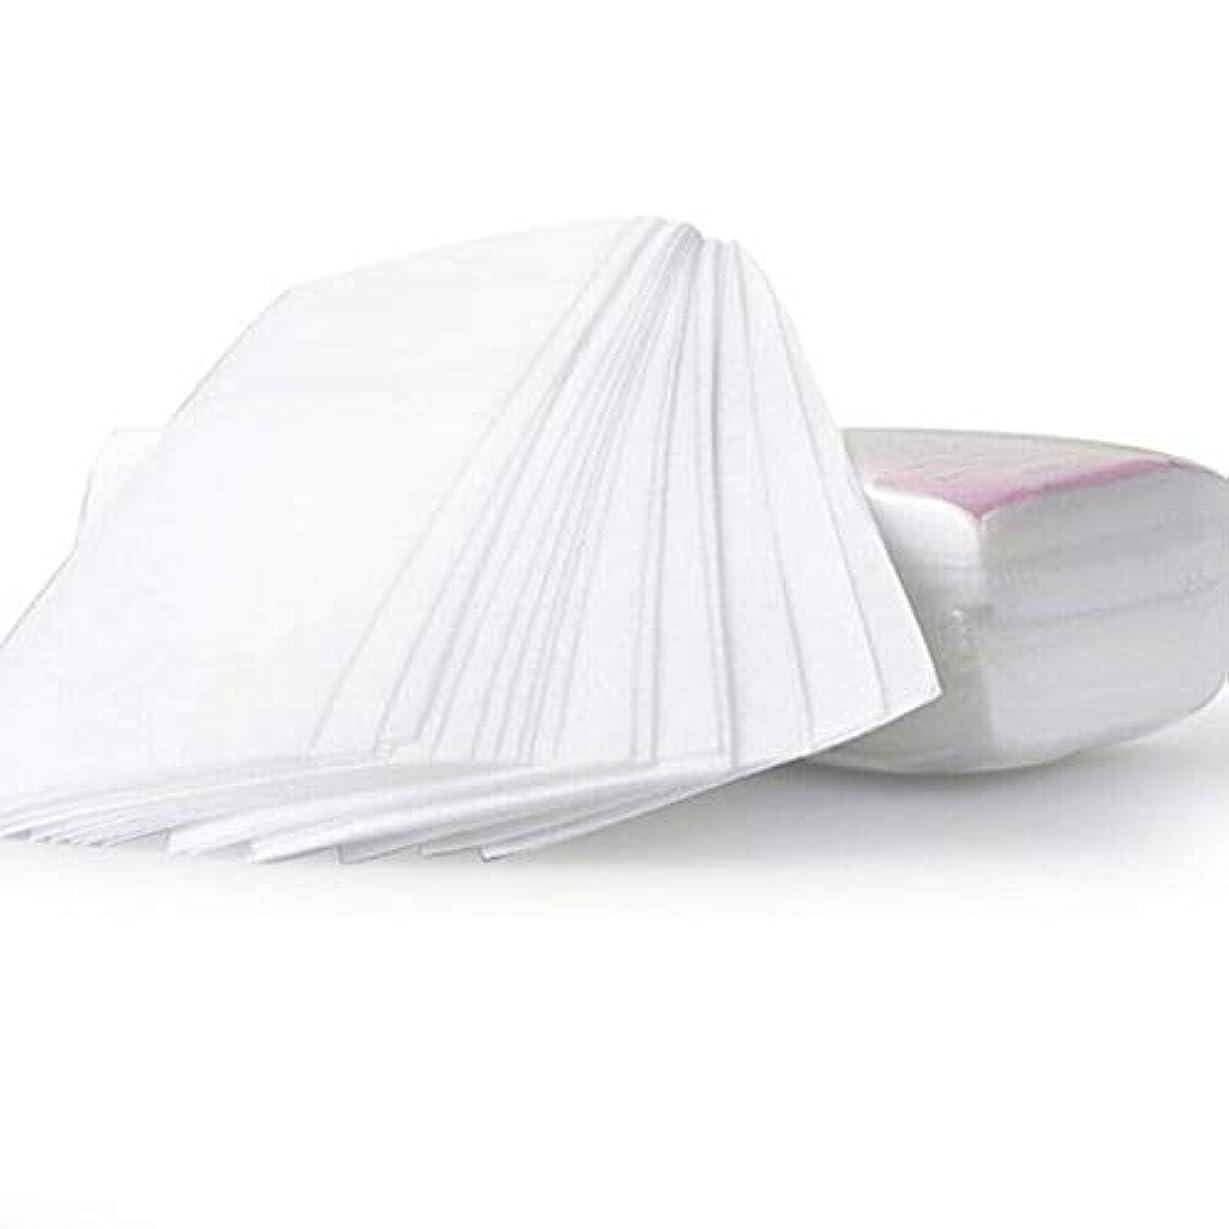 遠近法こっそりフォーカスLULAA ワックス脱毛紙 脱毛シート 衛生 使い捨て 迅速かつ簡単 痛い感じがなく 100枚